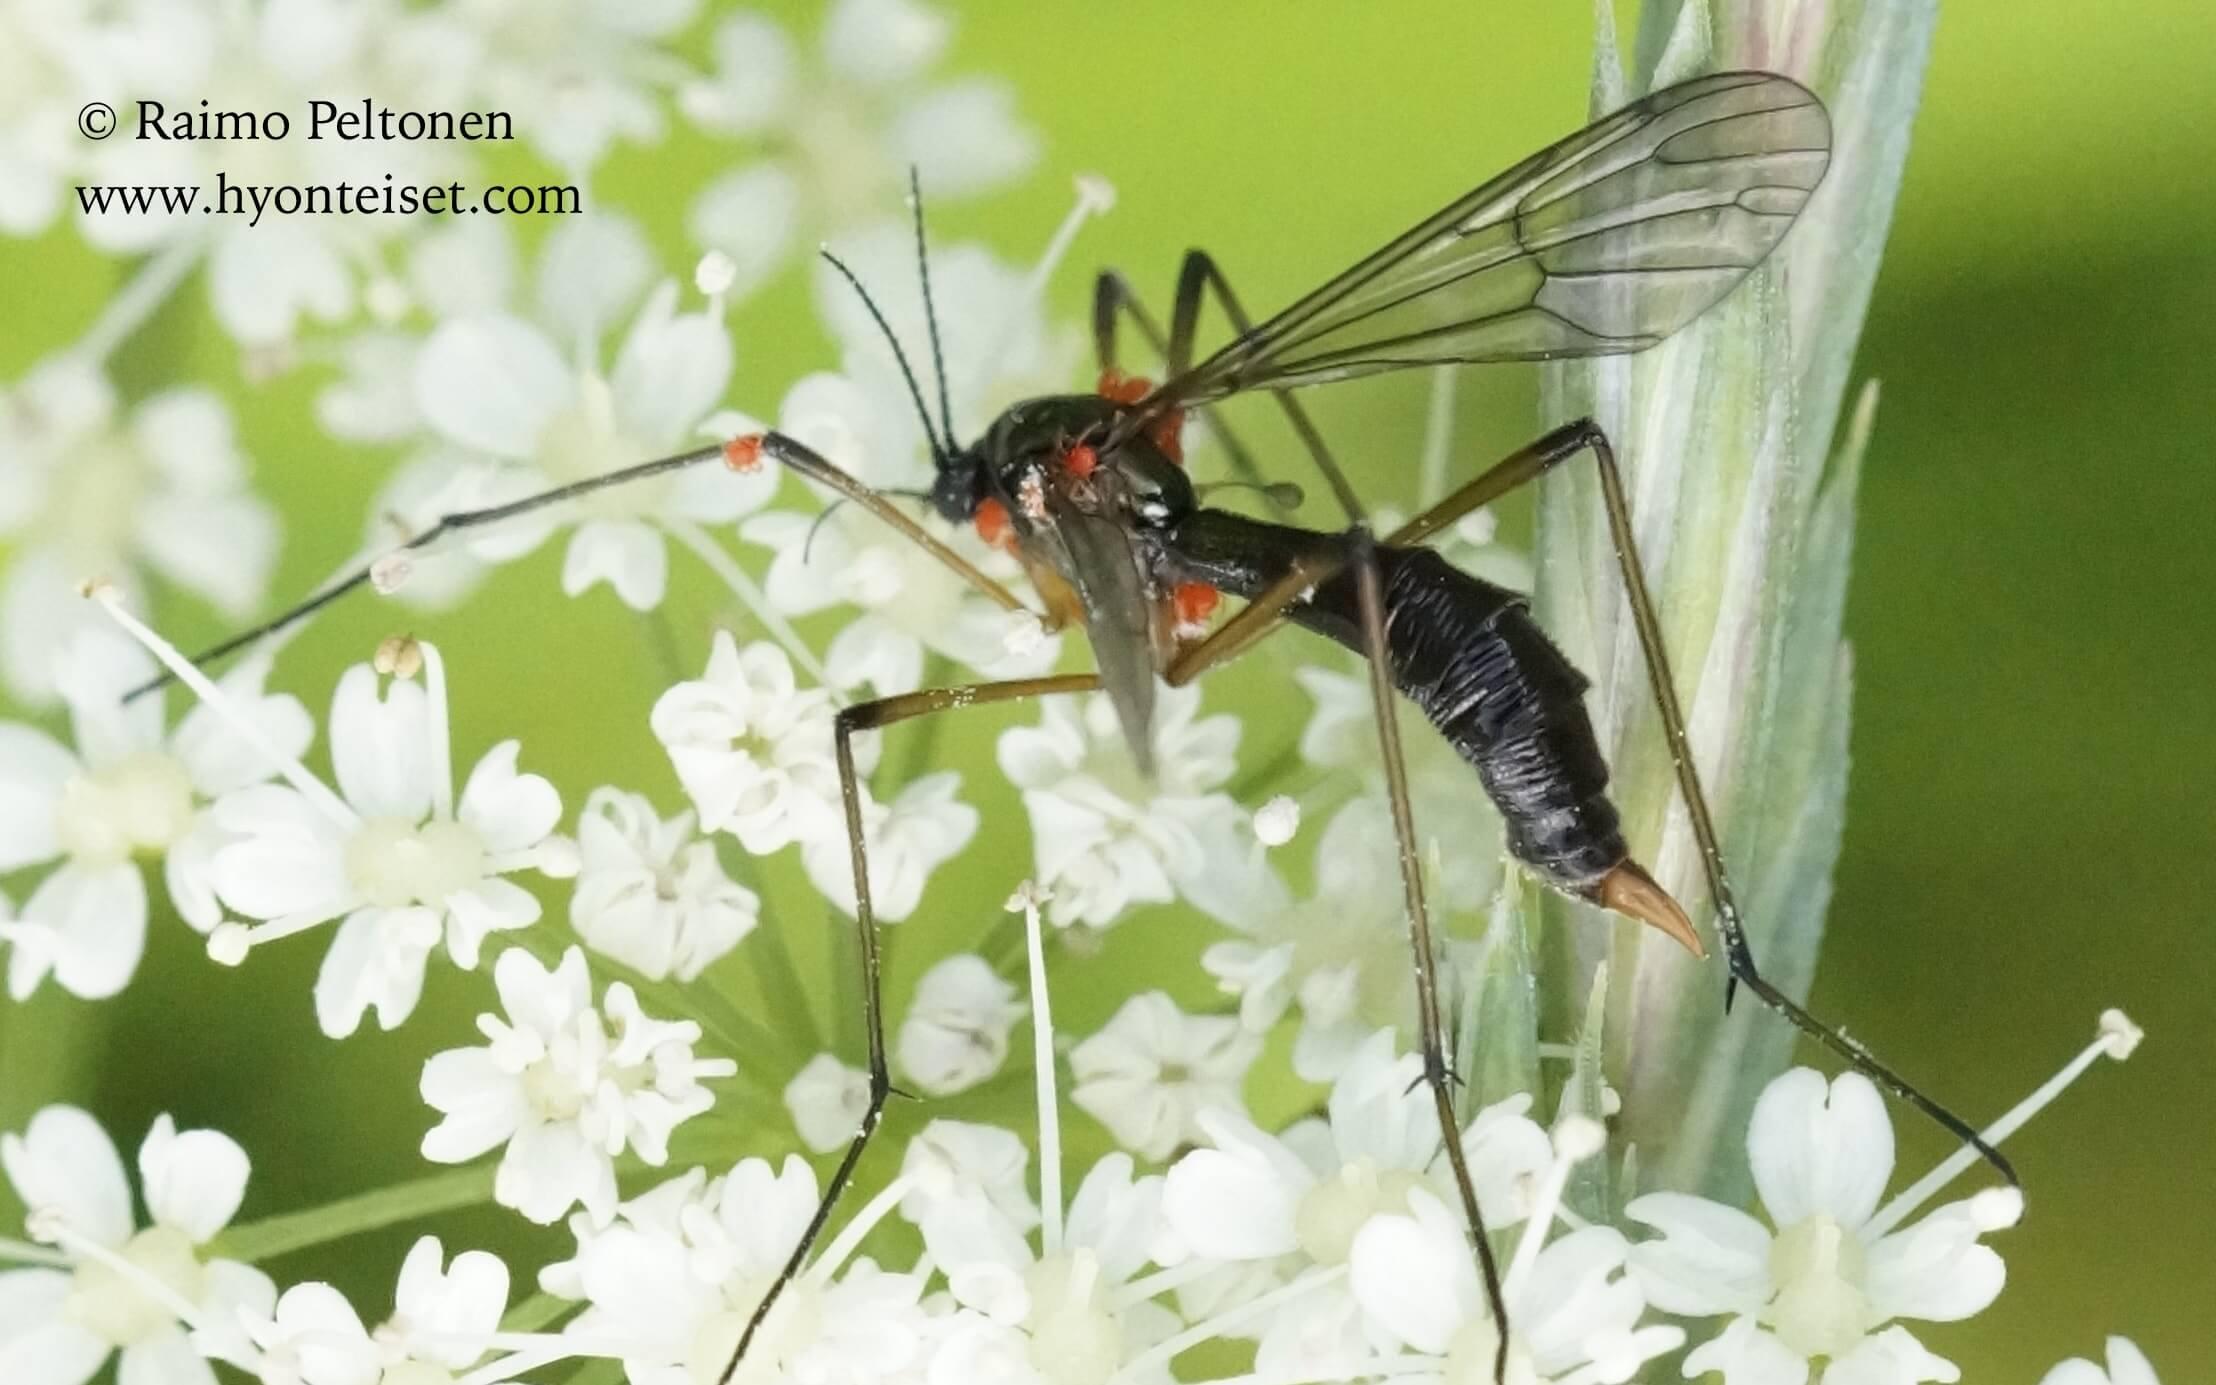 Ptychoptera sp., naaras (det. Bjoern Rulik)